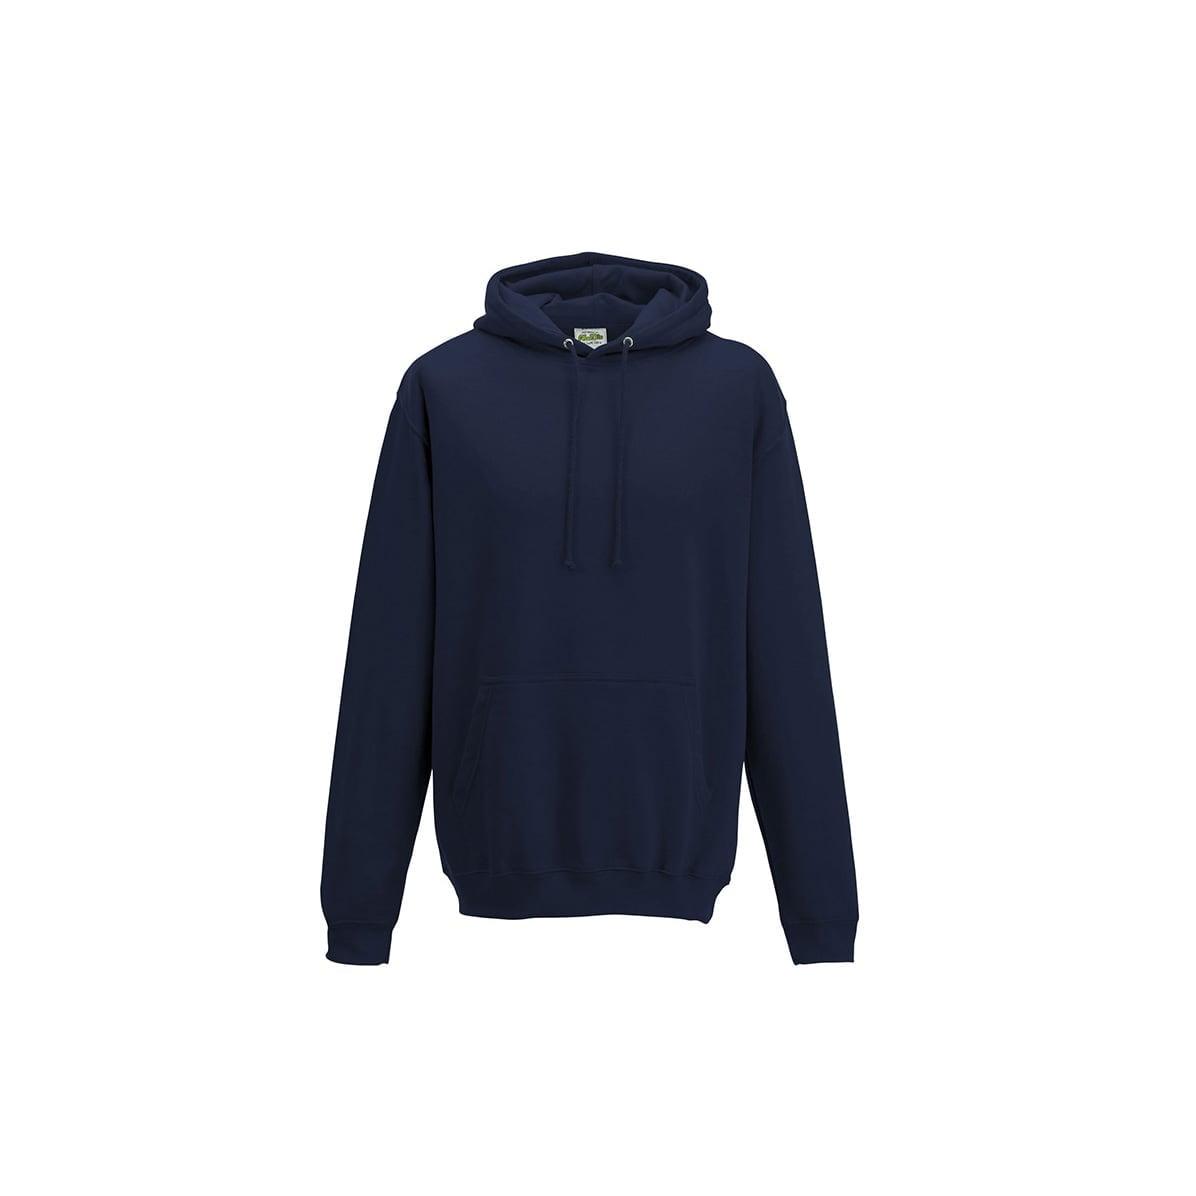 Bluzy - Bluza z kapturem College - Just Hoods JH001 - Oxford Navy - RAVEN - koszulki reklamowe z nadrukiem, odzież reklamowa i gastronomiczna